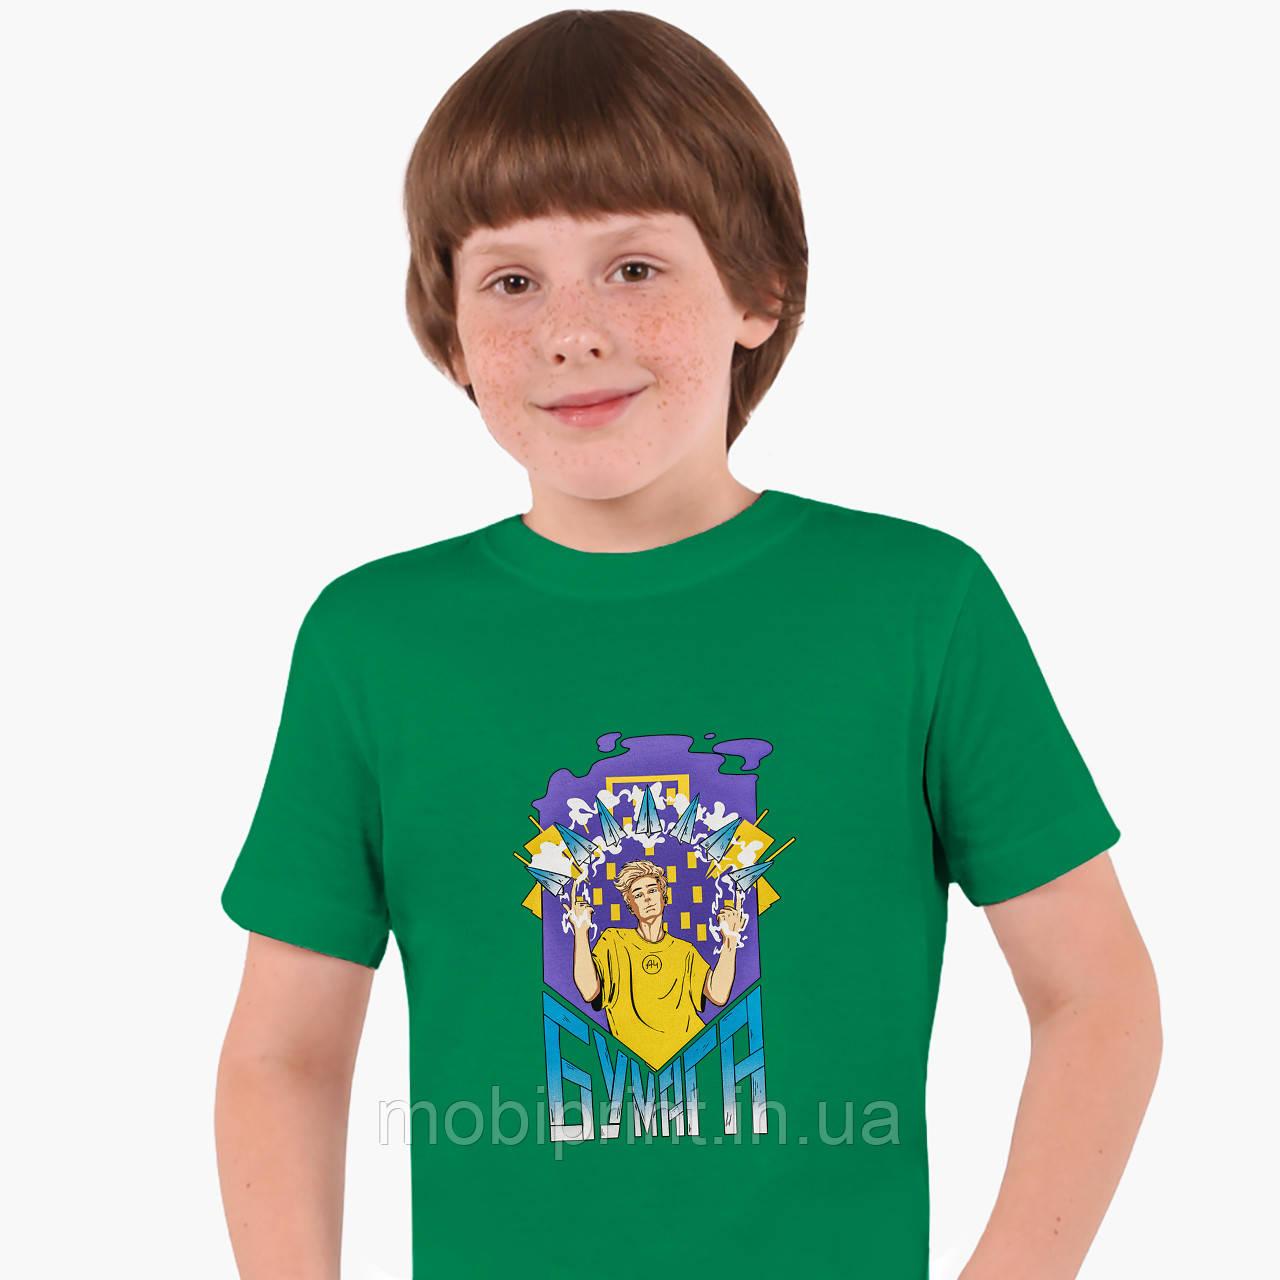 Детская футболка для мальчиков блогер Влад Бумага А4 (blogger Vlad A4) (25186-2617) Зеленый